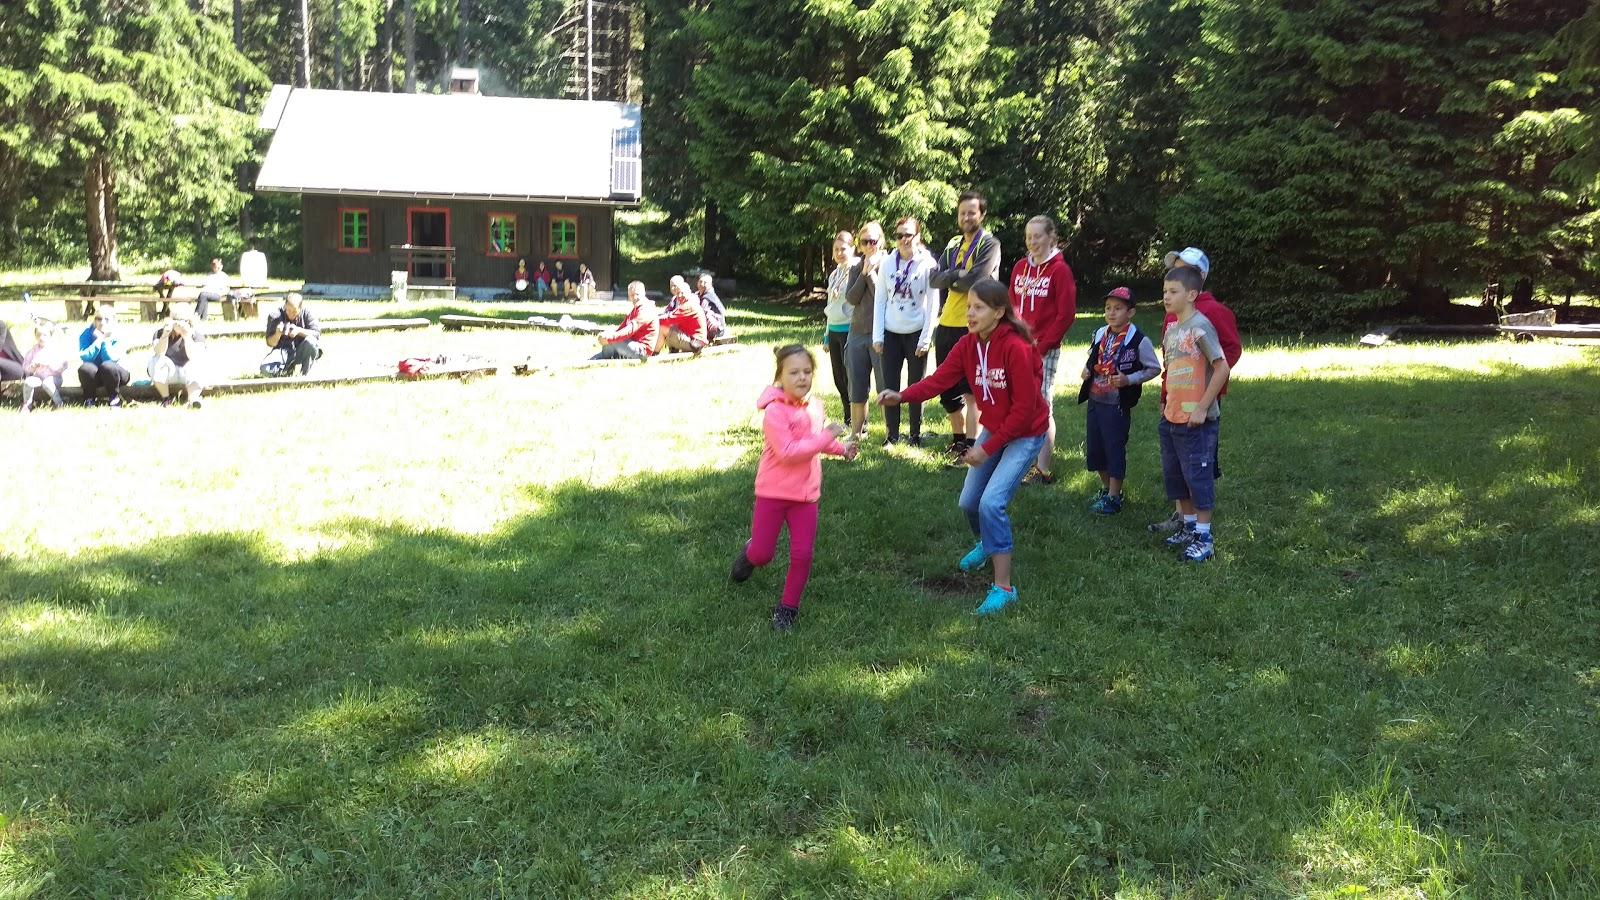 Piknik s starši 2015, Črni dol, 21. 6. 2015 - IMAG0178.jpg